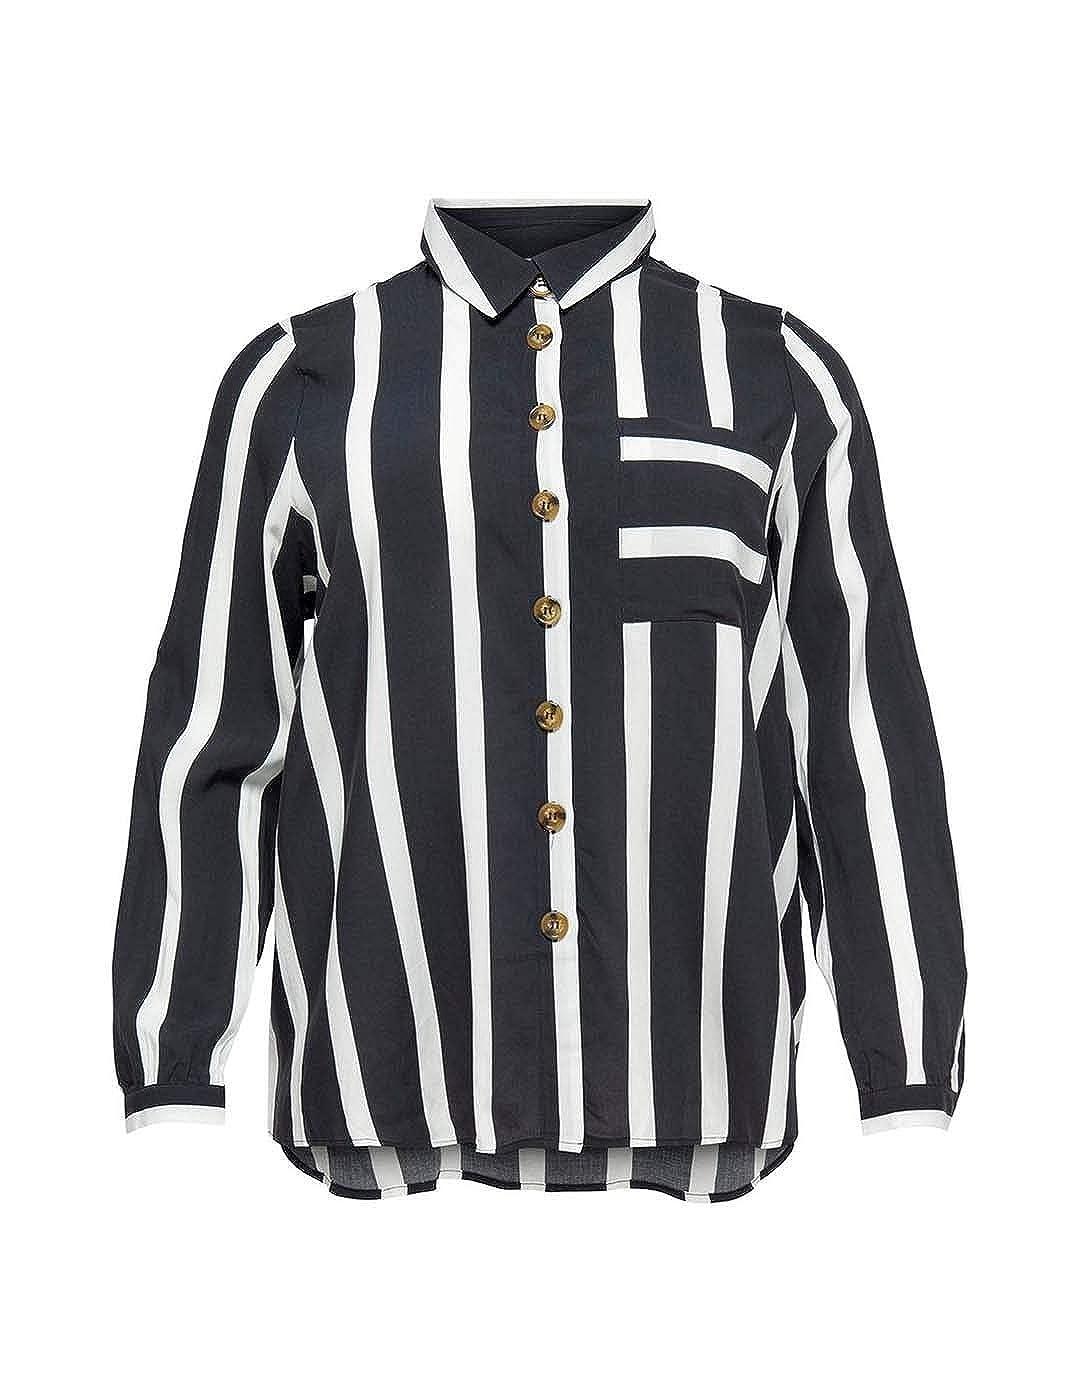 ONLY Carmakoma Daucus Langarmhemd Langarmhemd Langarmhemd Damen, 48, schwarz weiß B07MZ3TMBM Blausen & Tuniken Erste Gruppe von Kunden 5ee03a